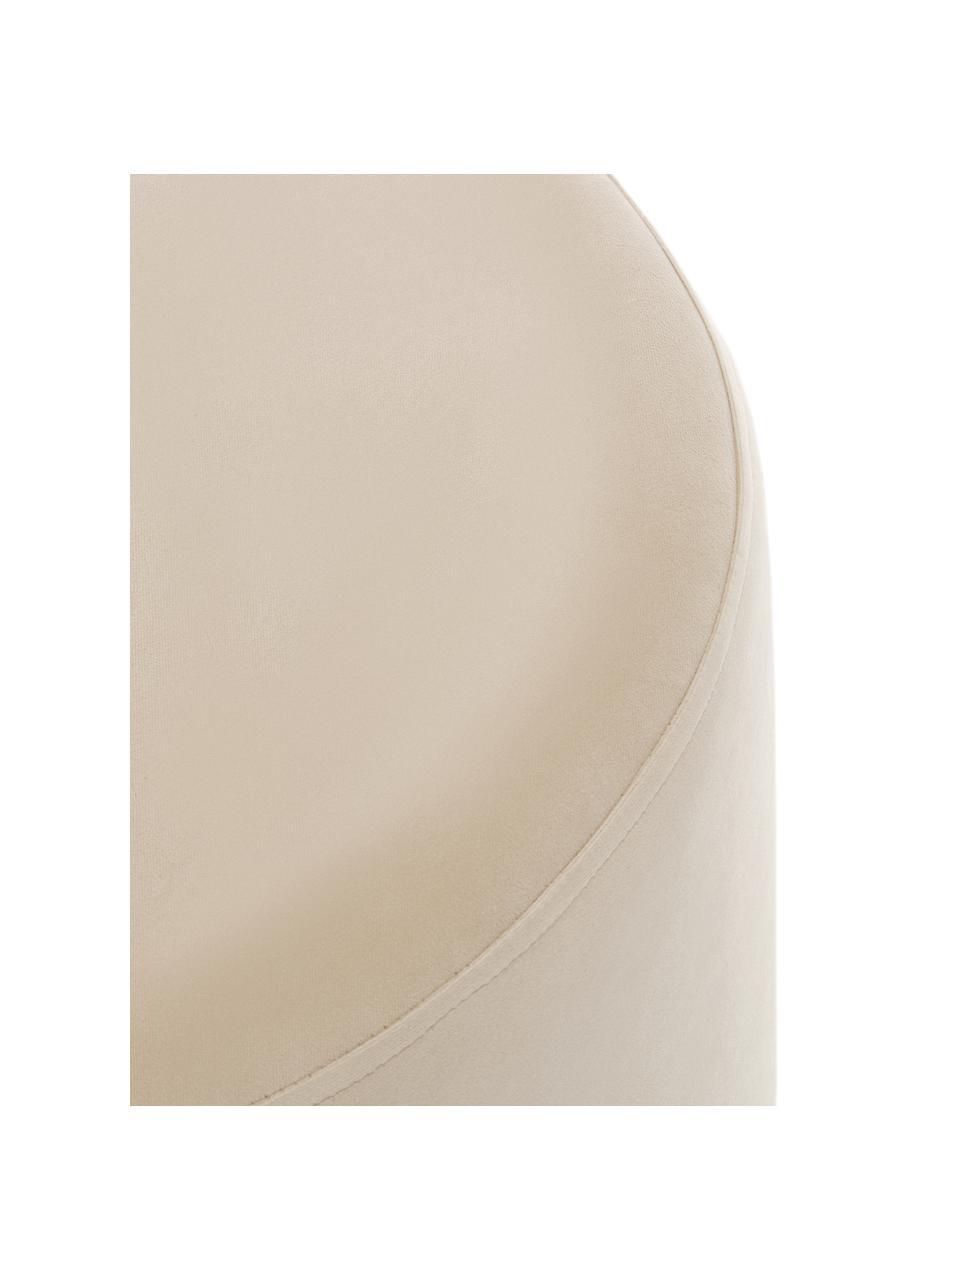 Puf z aksamitu Daisy, Tapicerka: aksamit (poliester) Dzięk, Aksamitny beżowy, Ø 54 x W 38 cm